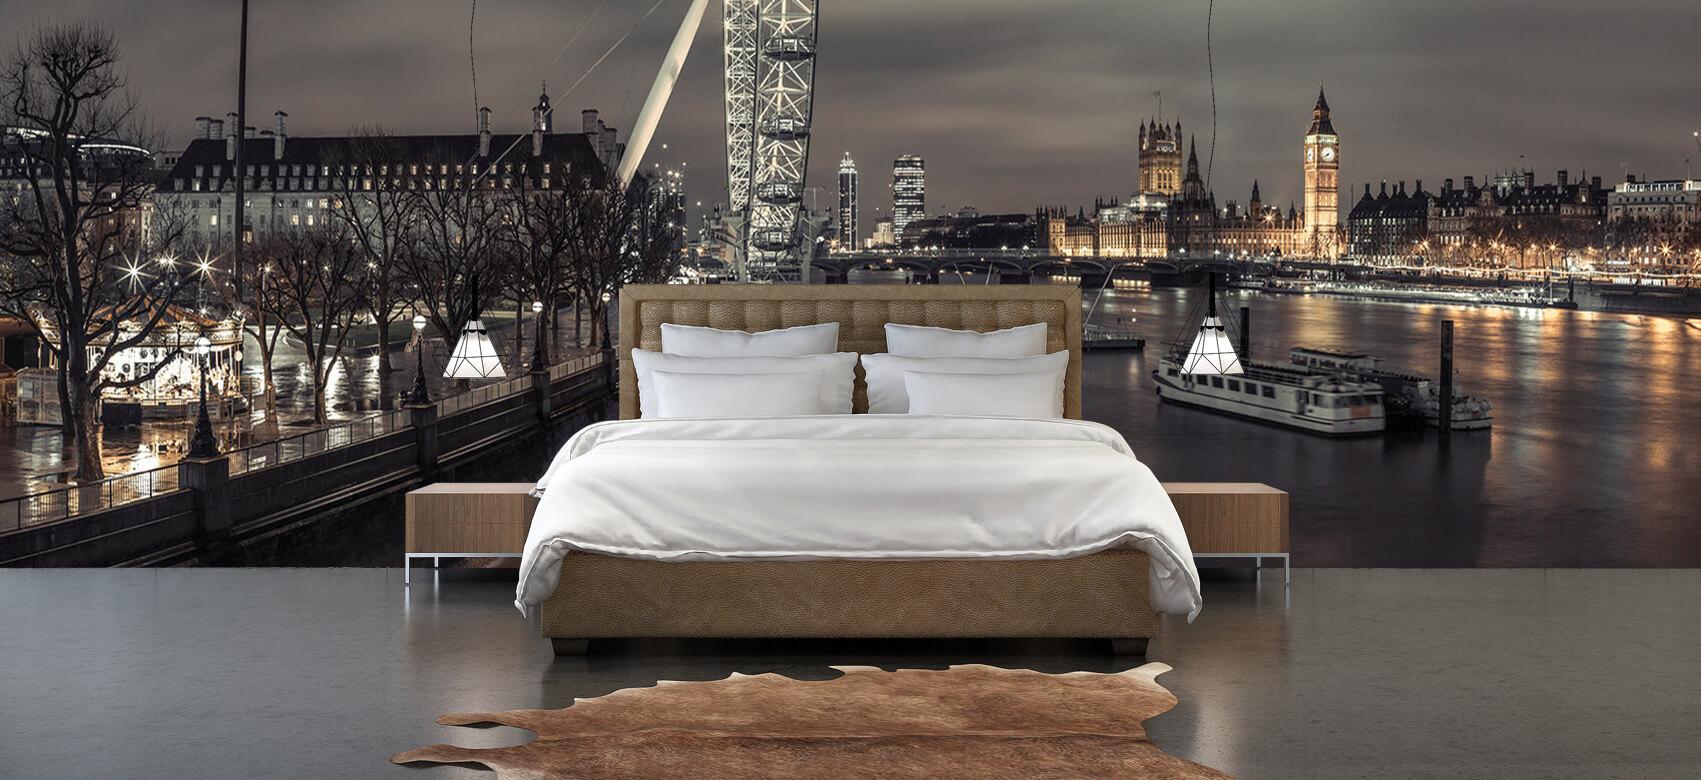 Londen in de avond 1